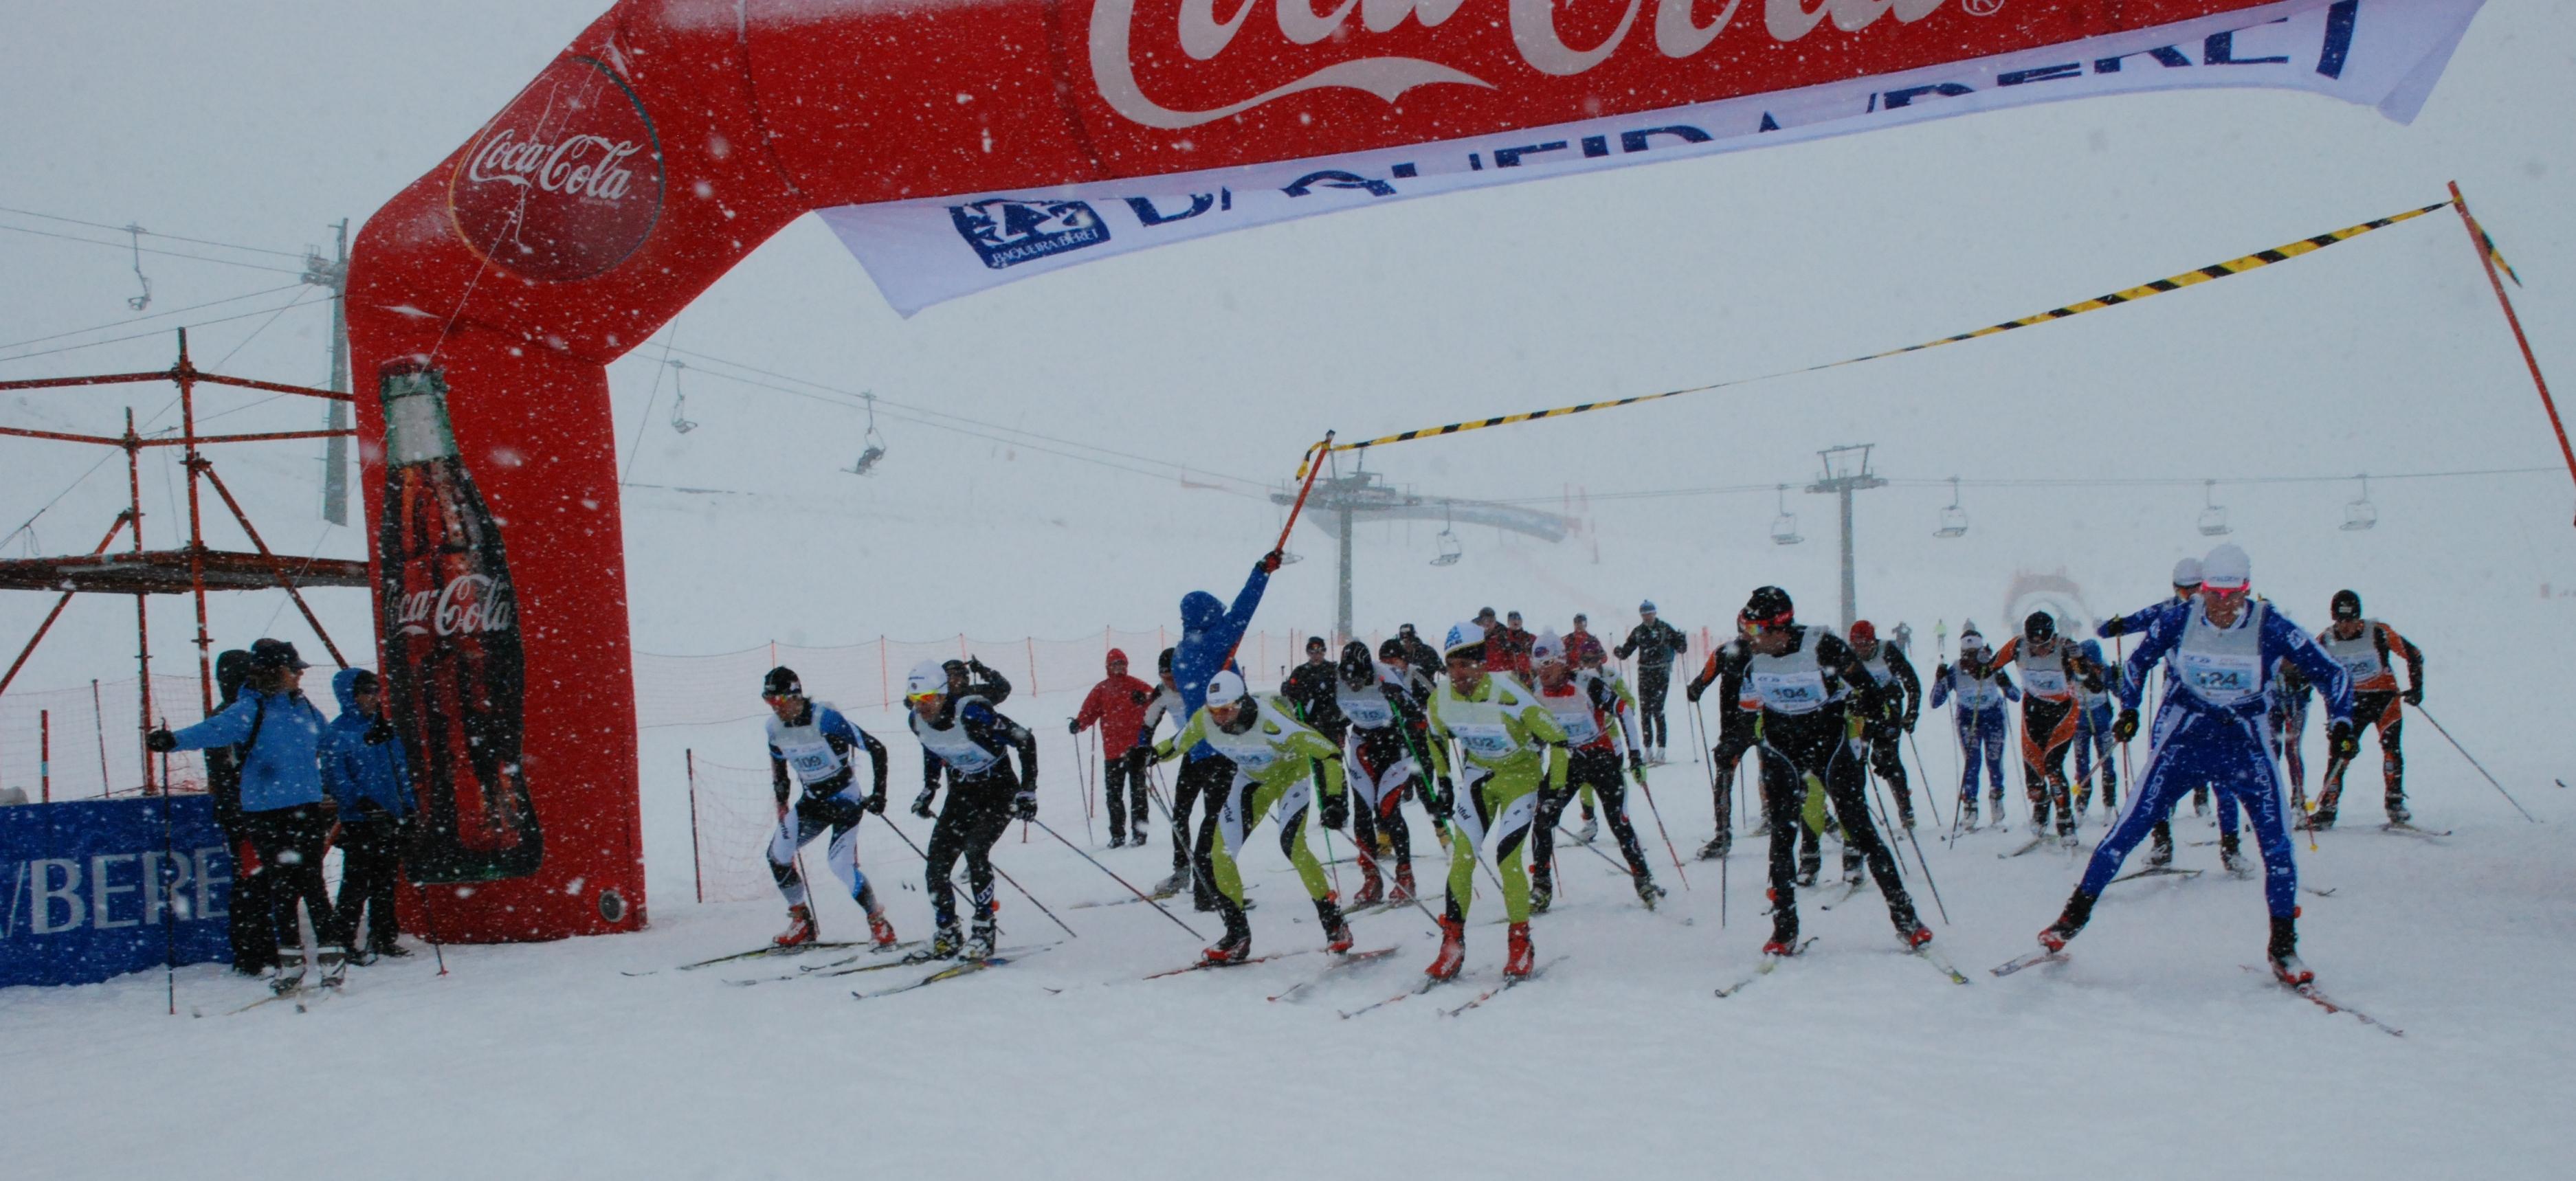 La 36 Edición de la Marxa Beret cuenta este año con el Campeonato de España de larga distancia